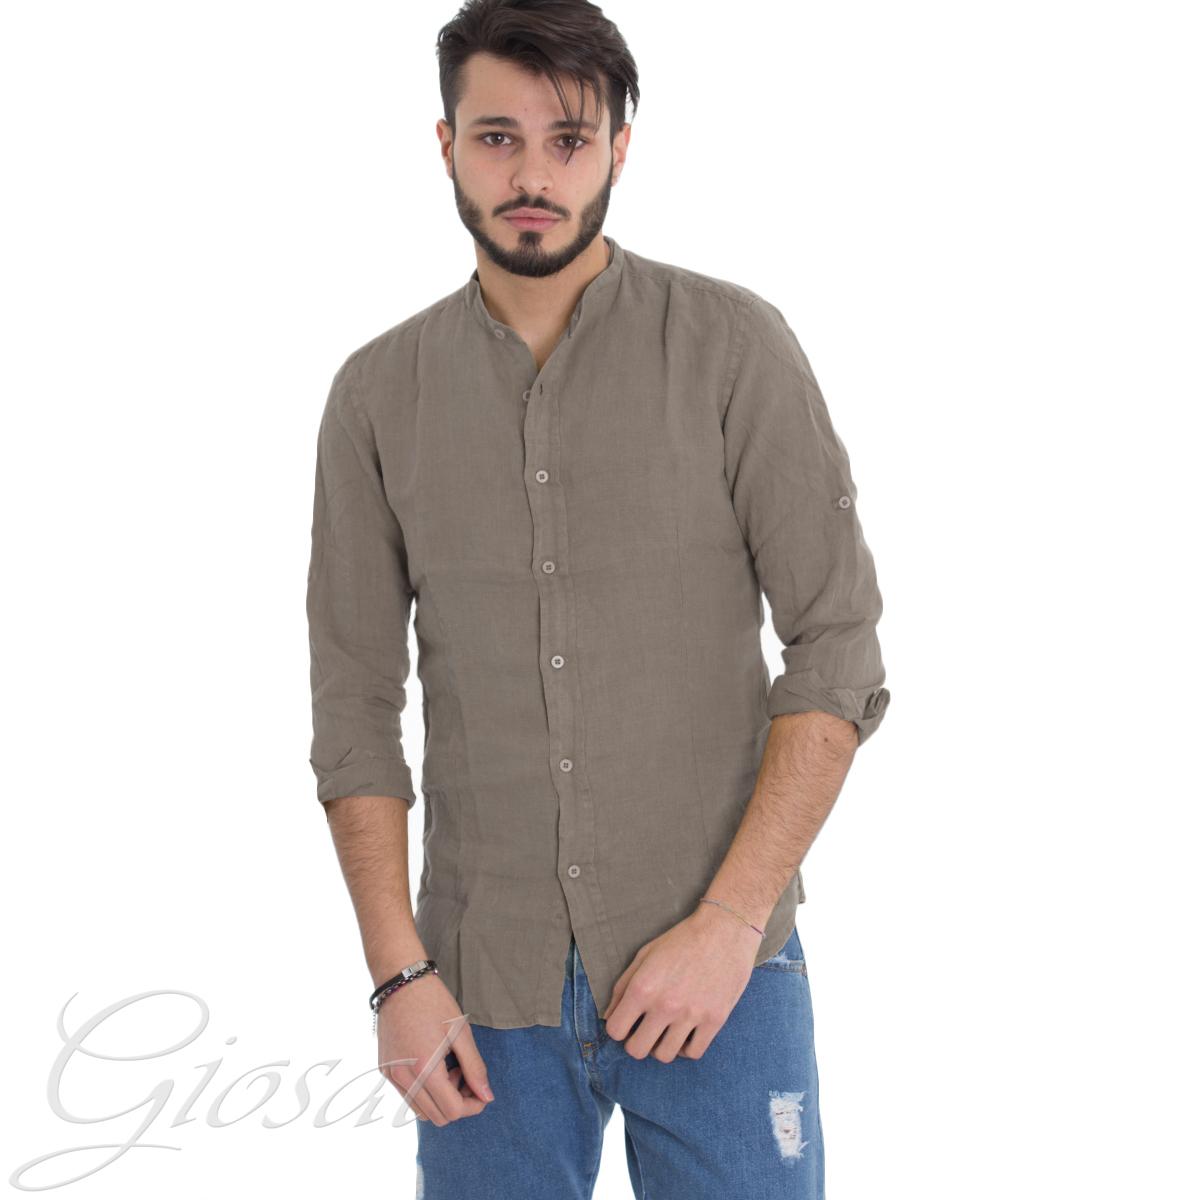 Camicia-Uomo-Collo-Coreano-Tinta-Unita-Fango-Lino-Maniche-Lunghe-Casual-GIOSAL miniatura 7